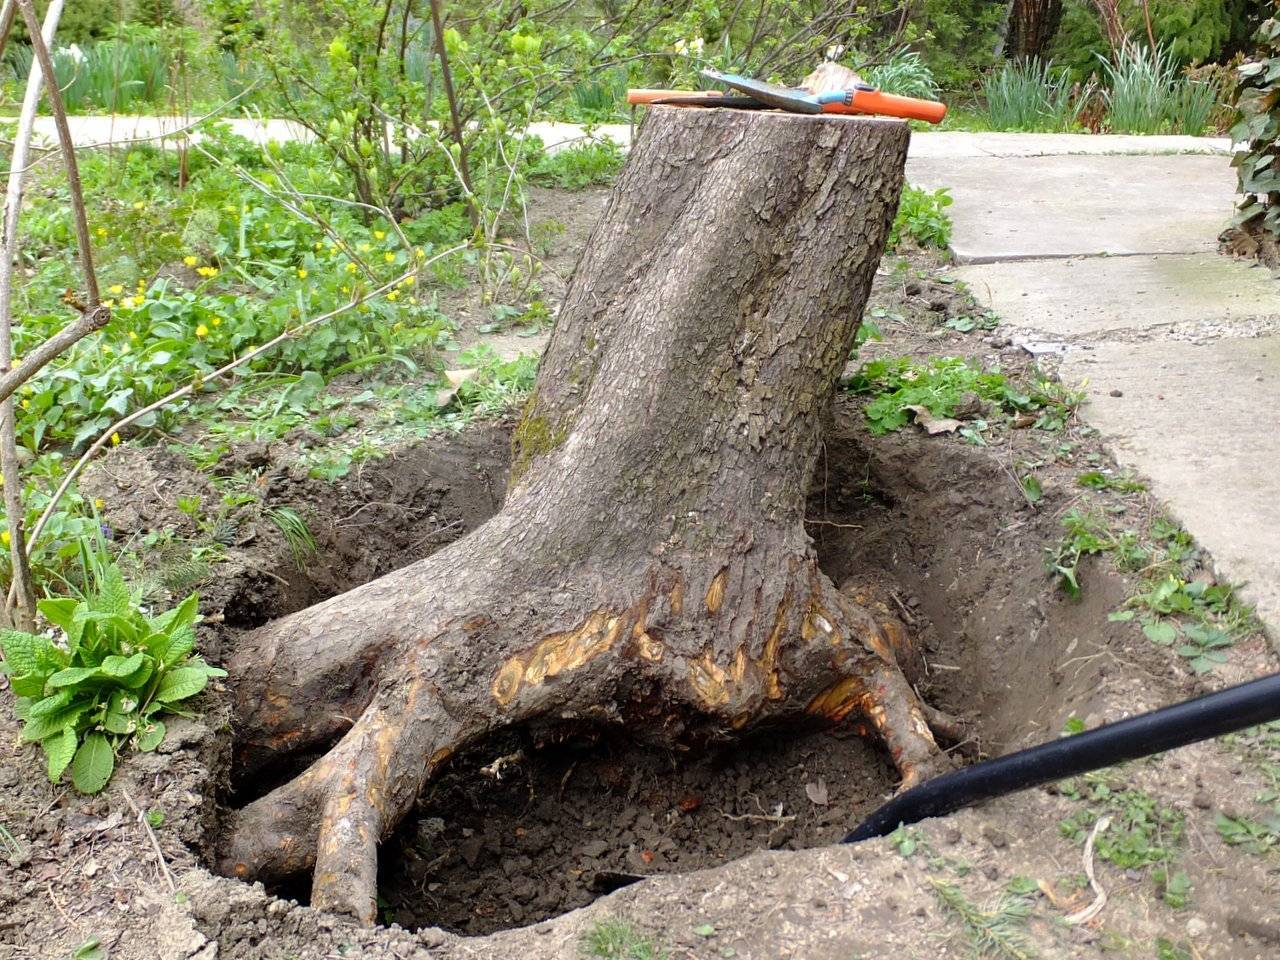 Как выкорчевать дерево, срок жизни деревьев и как убрать деревья с участка